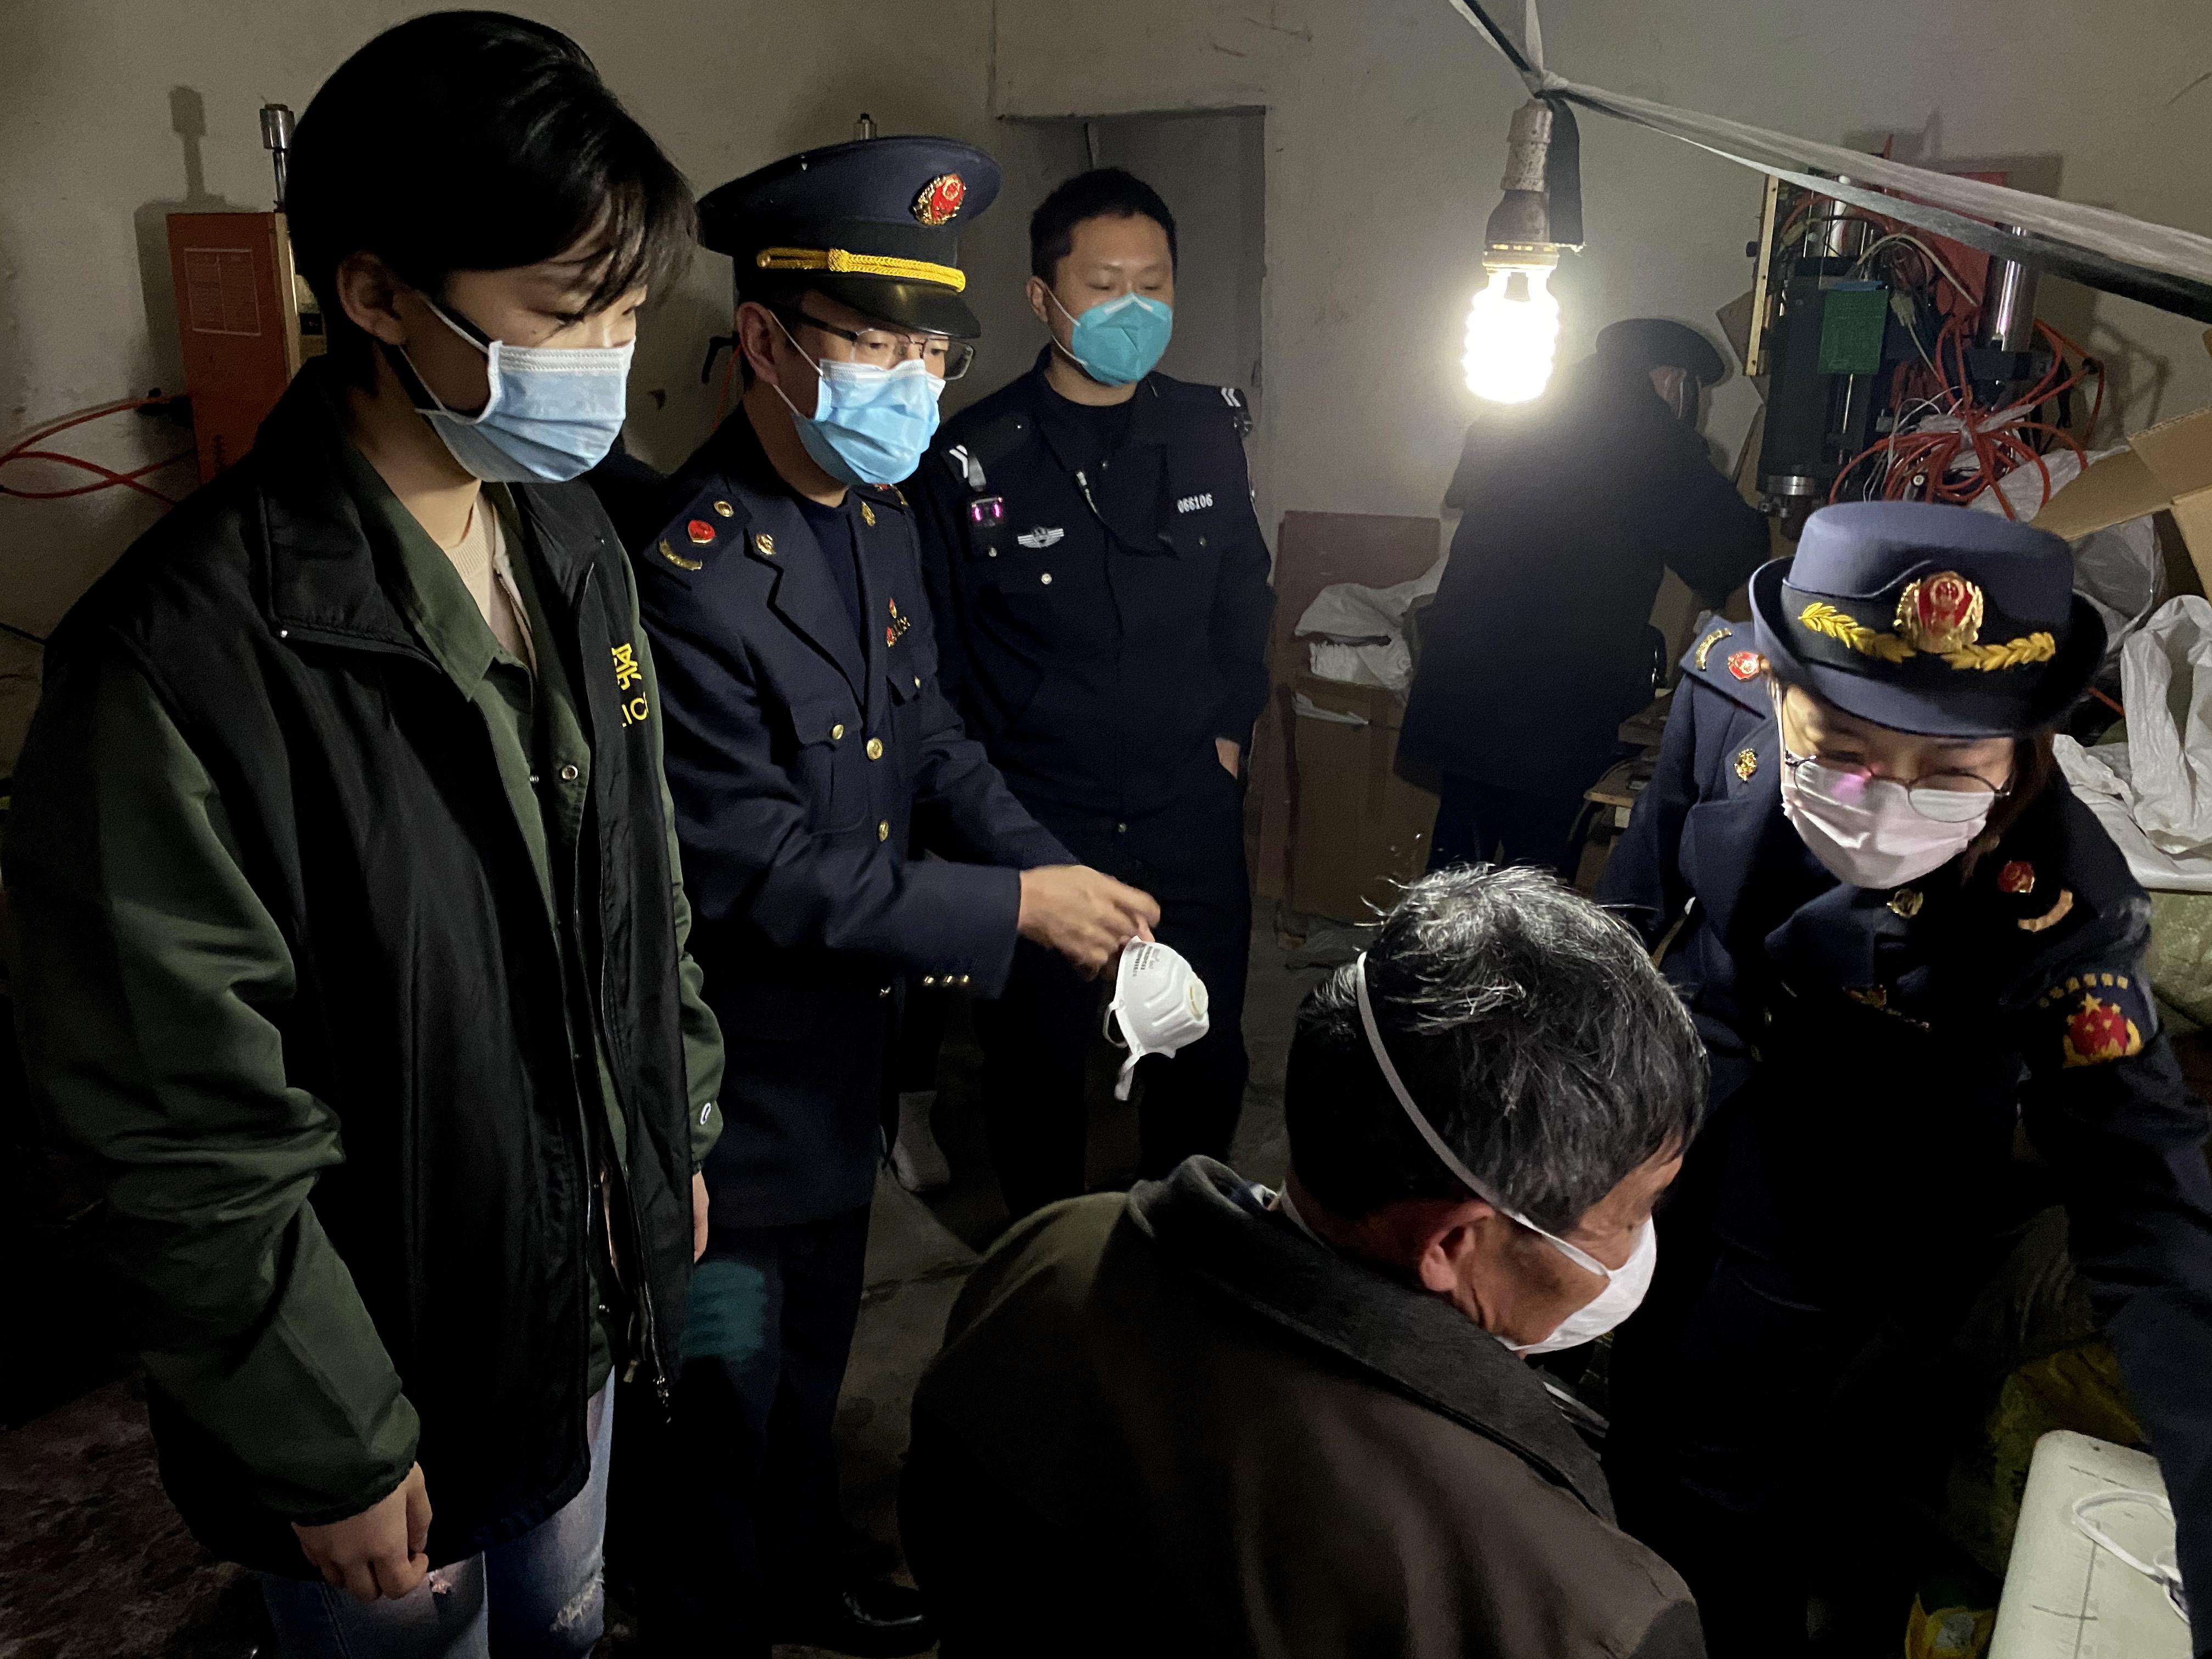 上海警方捣毁一特大制售假劣口罩犯罪窝点,现场查获假劣口罩10余万枚